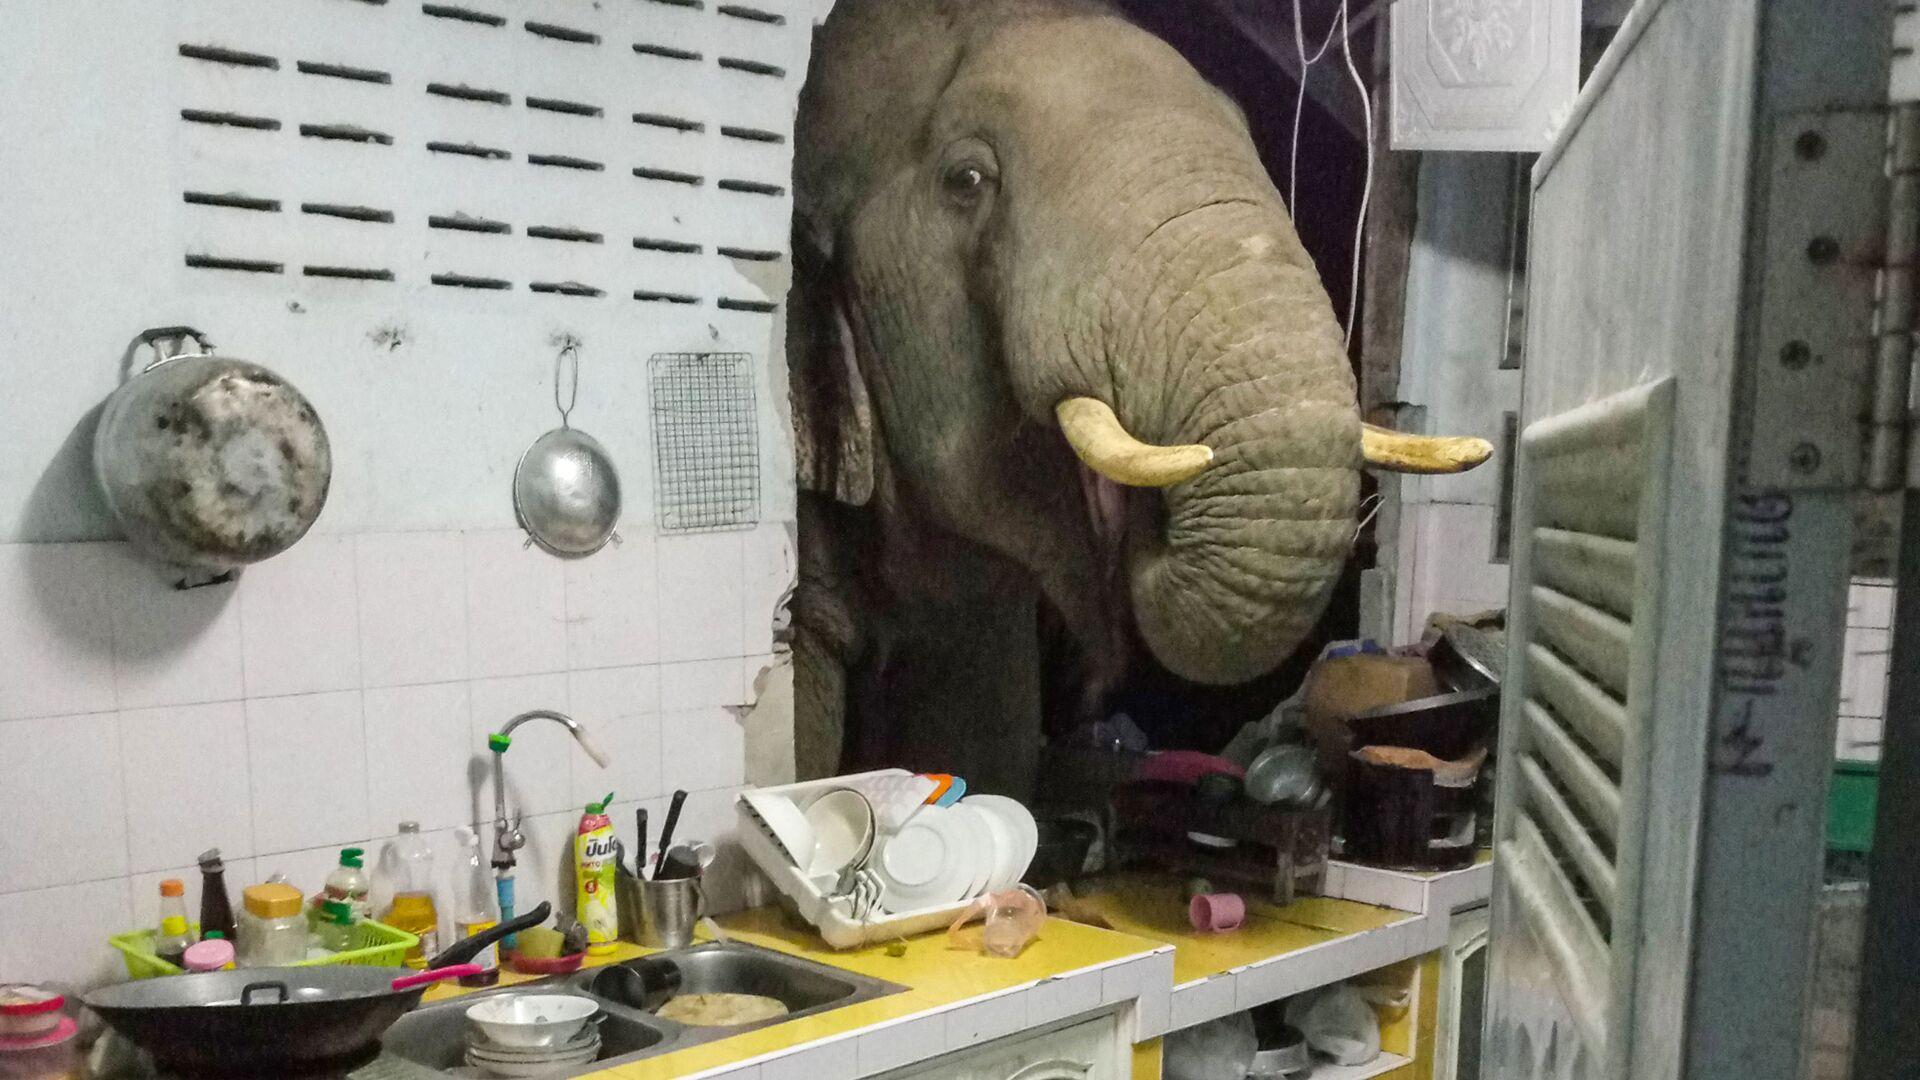 Radchadawan Peungprasopporn'un Facebook hesabında paylaştığı evinin mutfak duvarını yıkan Plai Bunchuay isimli 40 yaşındaki erkek fil - Sputnik Türkiye, 1920, 25.07.2021